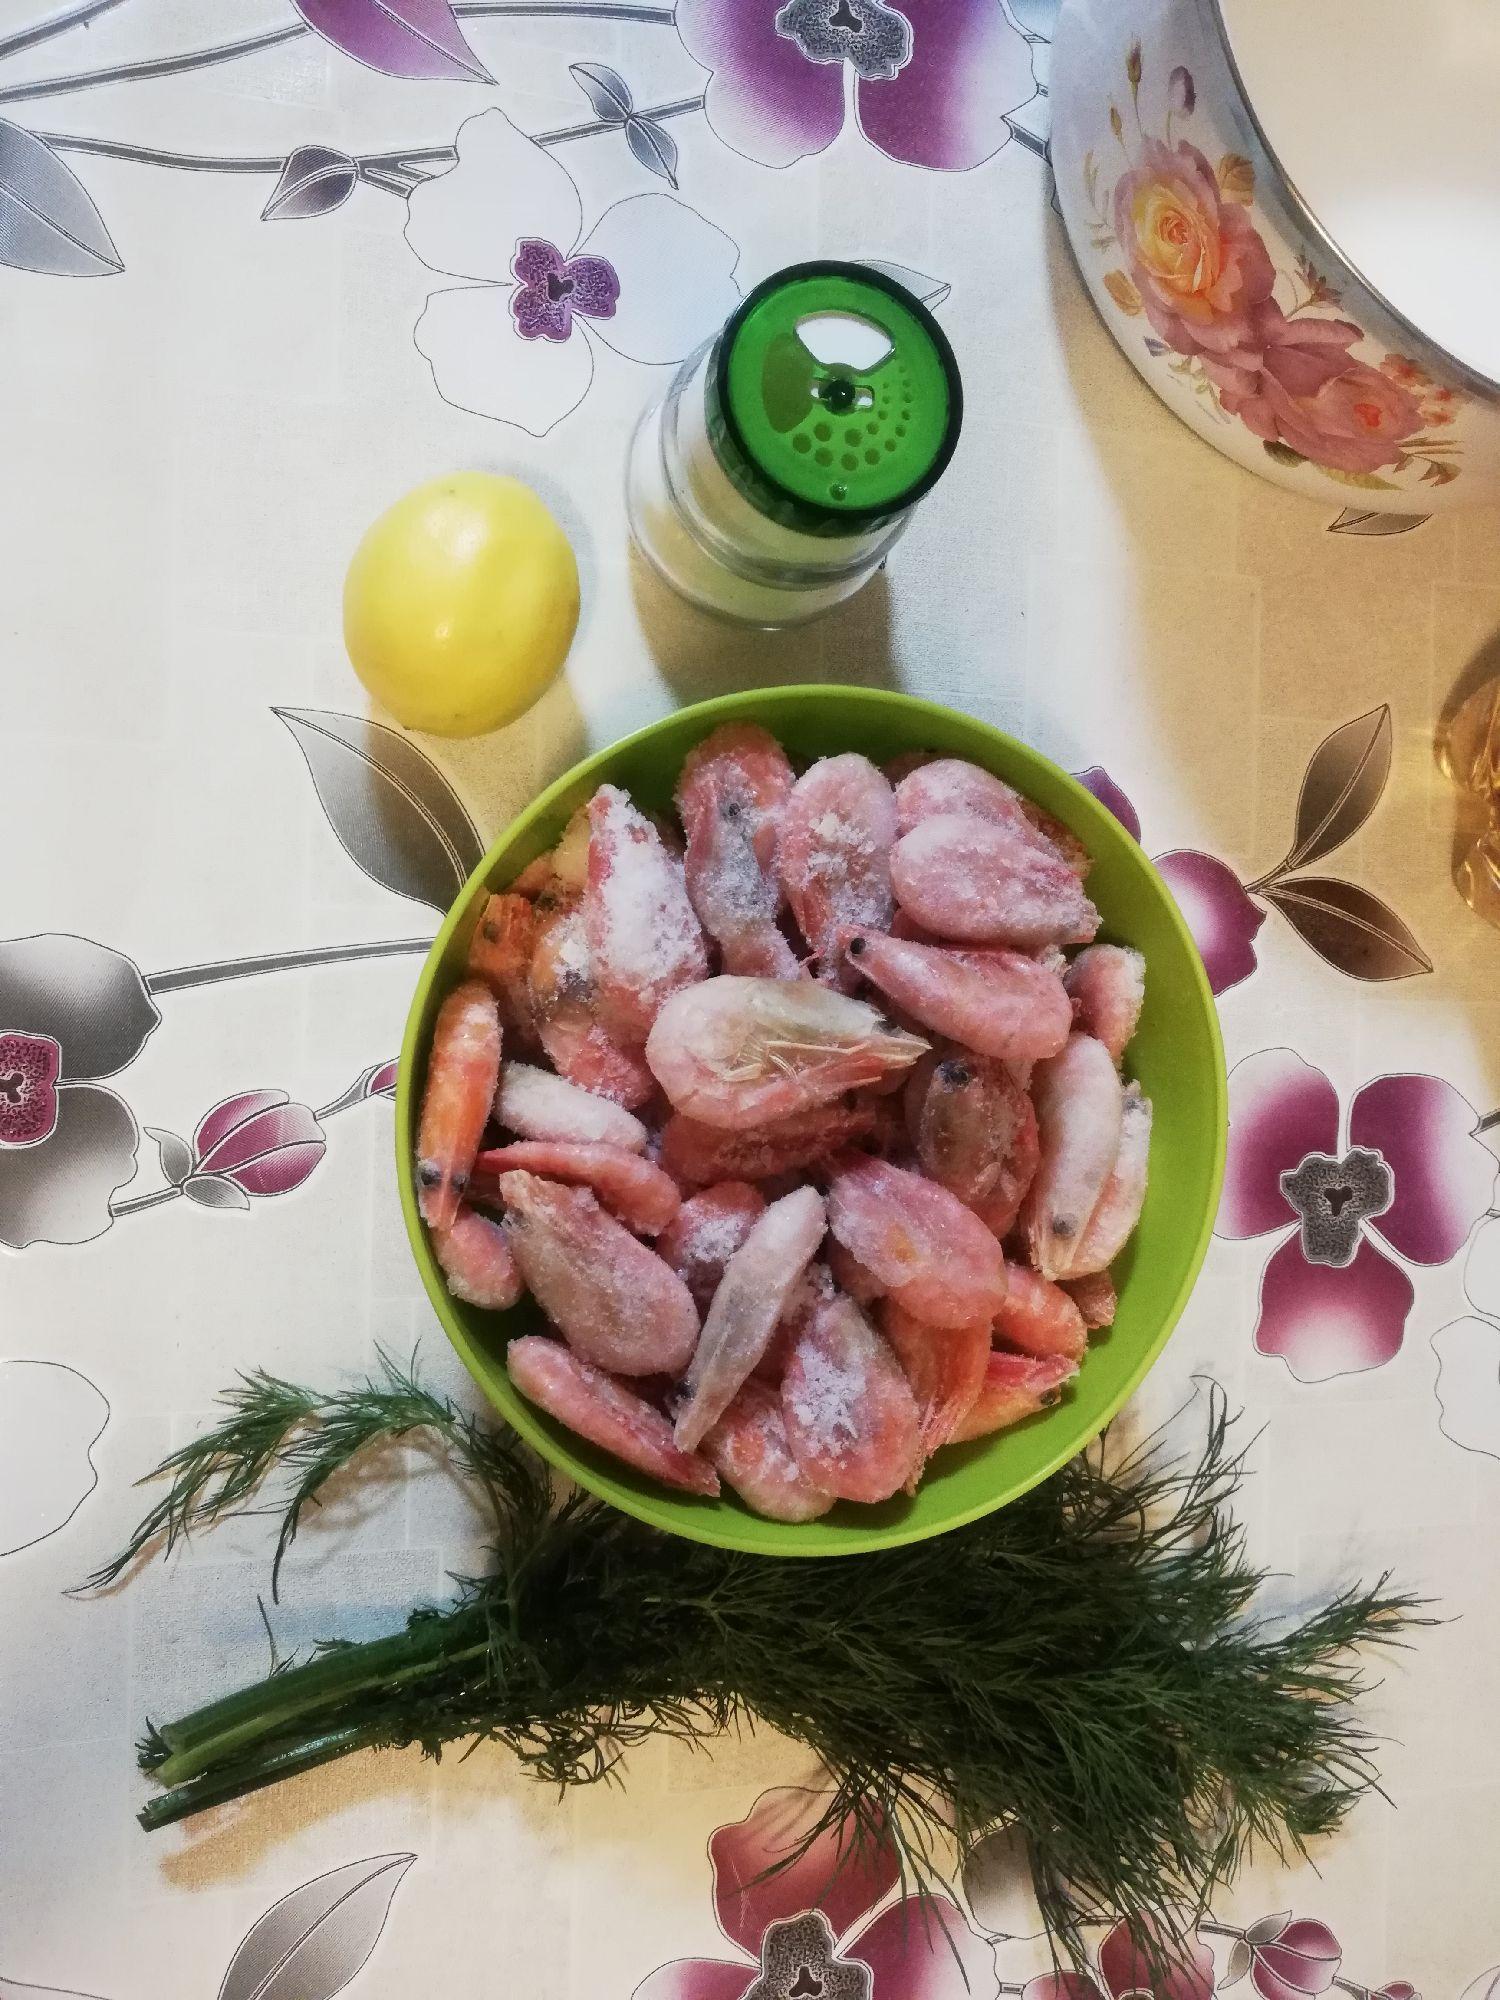 Шаг первый: потребуются креветки, лимон, укроп, соль